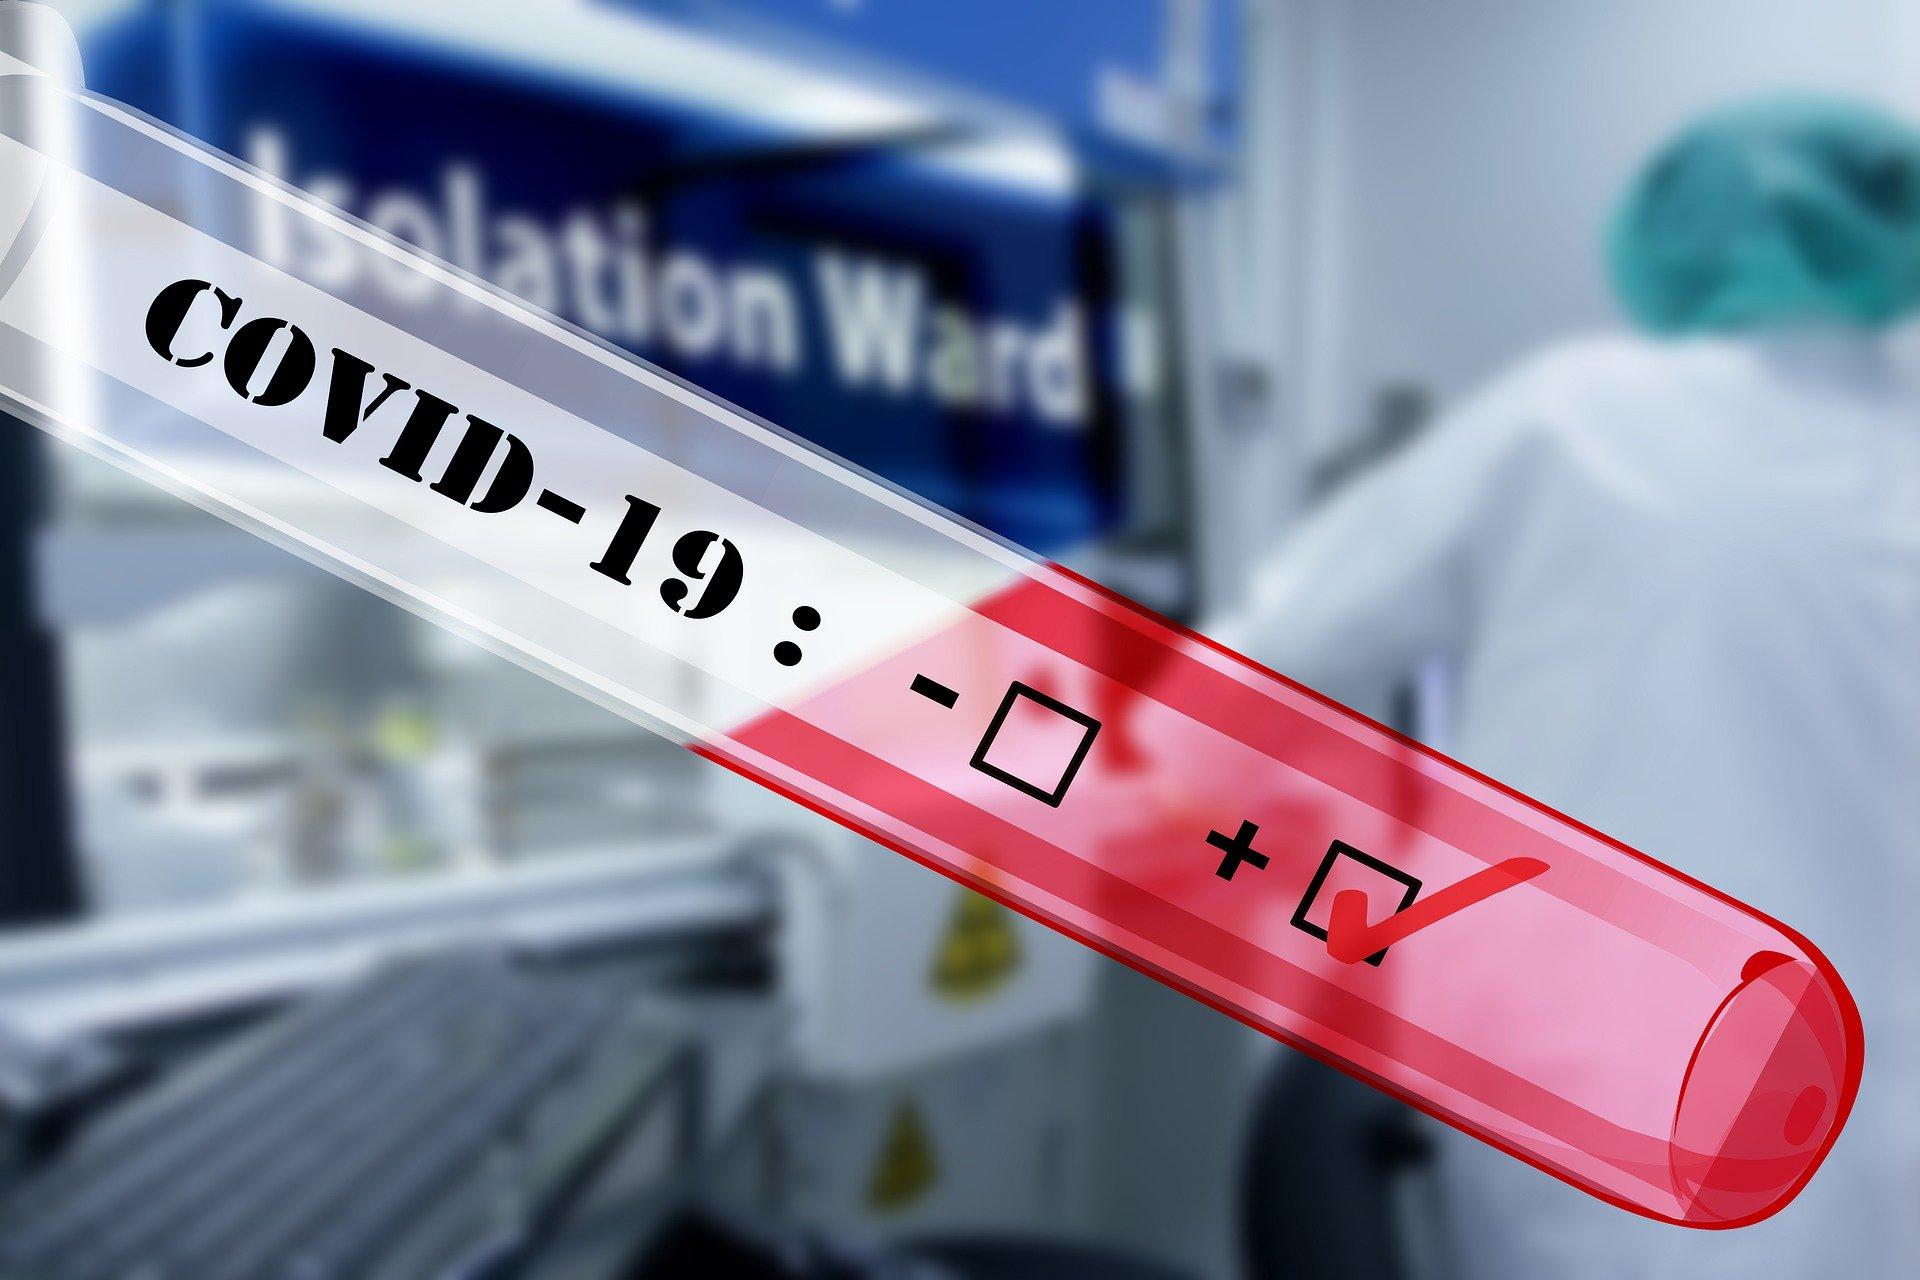 Testcapaciteit verviervoudigd, coronatests mogelijk voor al het zorgpersoneel